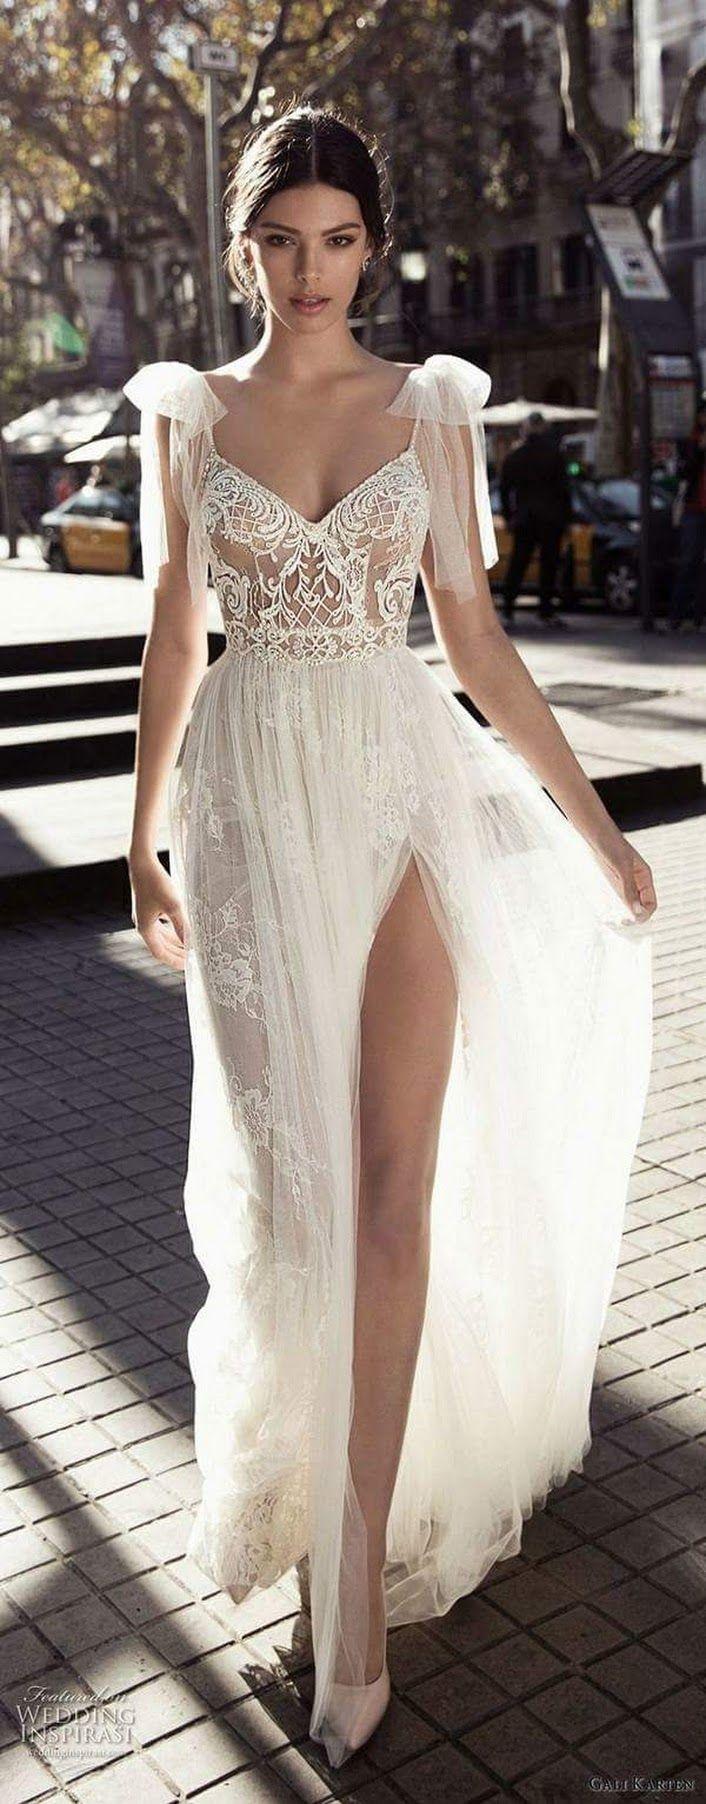 Buongiorno e splendido venerdì Moda! - Reny Russo - Google+